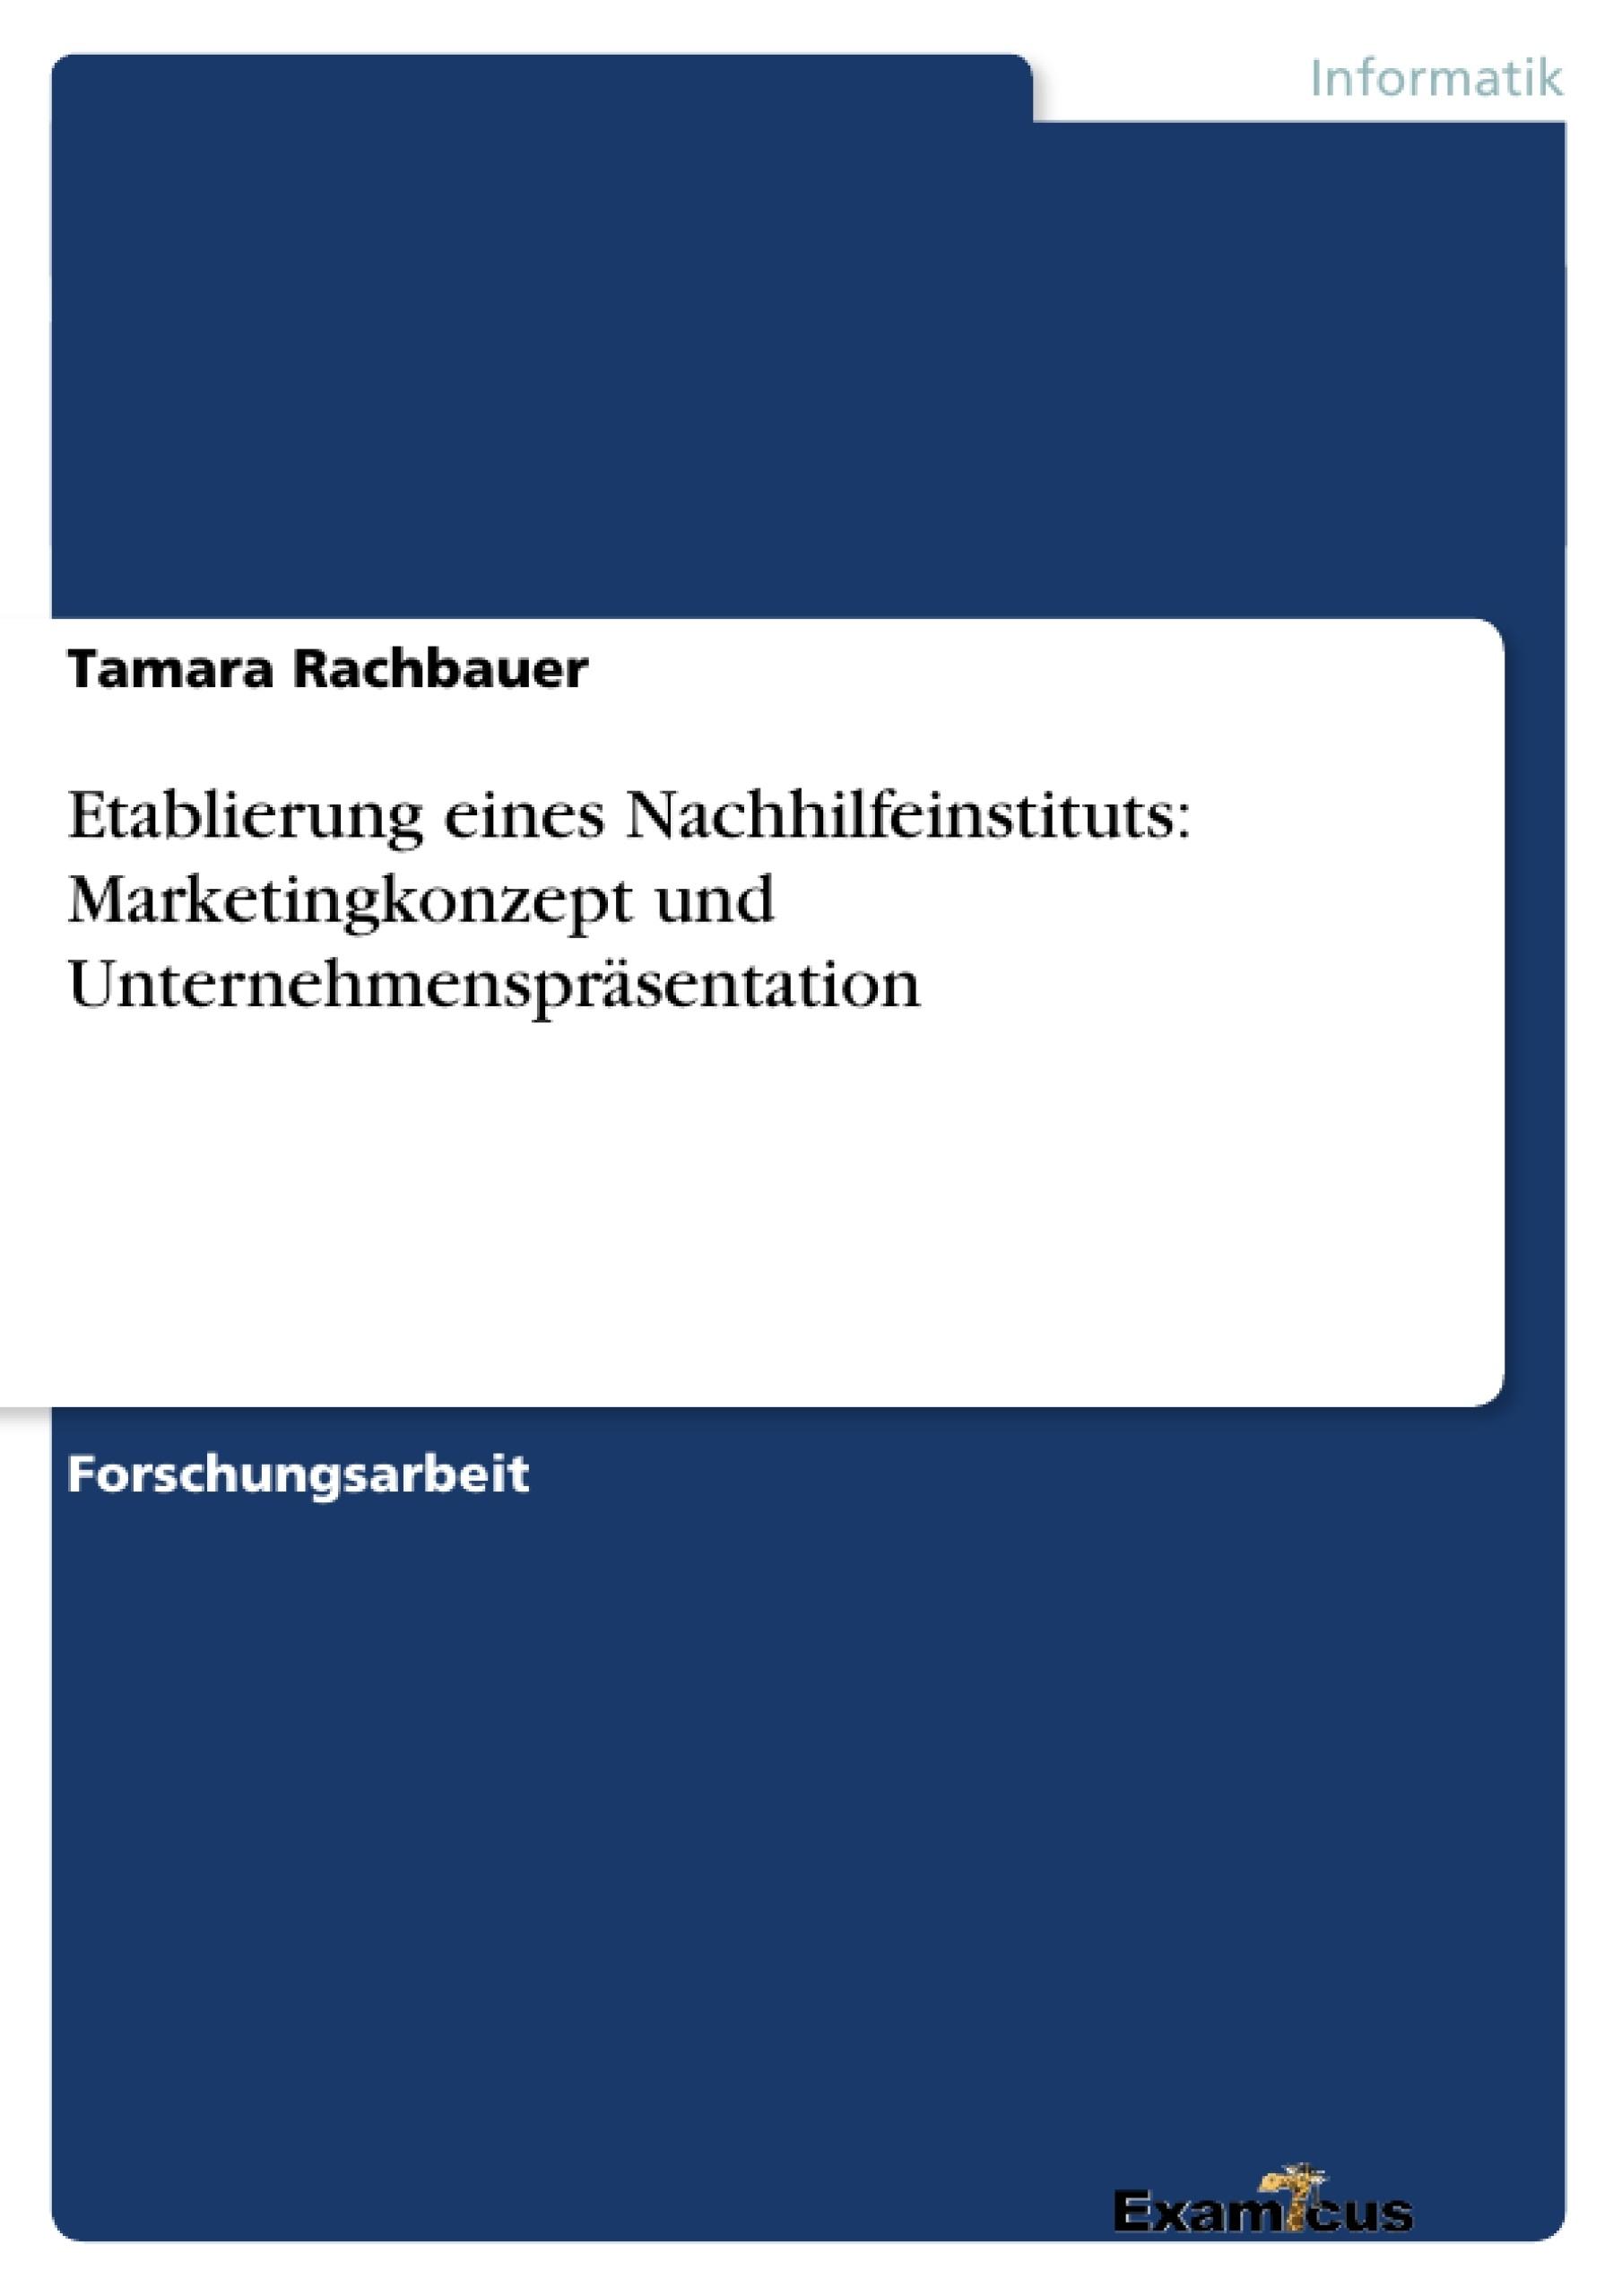 Titel: Etablierung eines Nachhilfeinstituts: Marketingkonzept und Unternehmenspräsentation